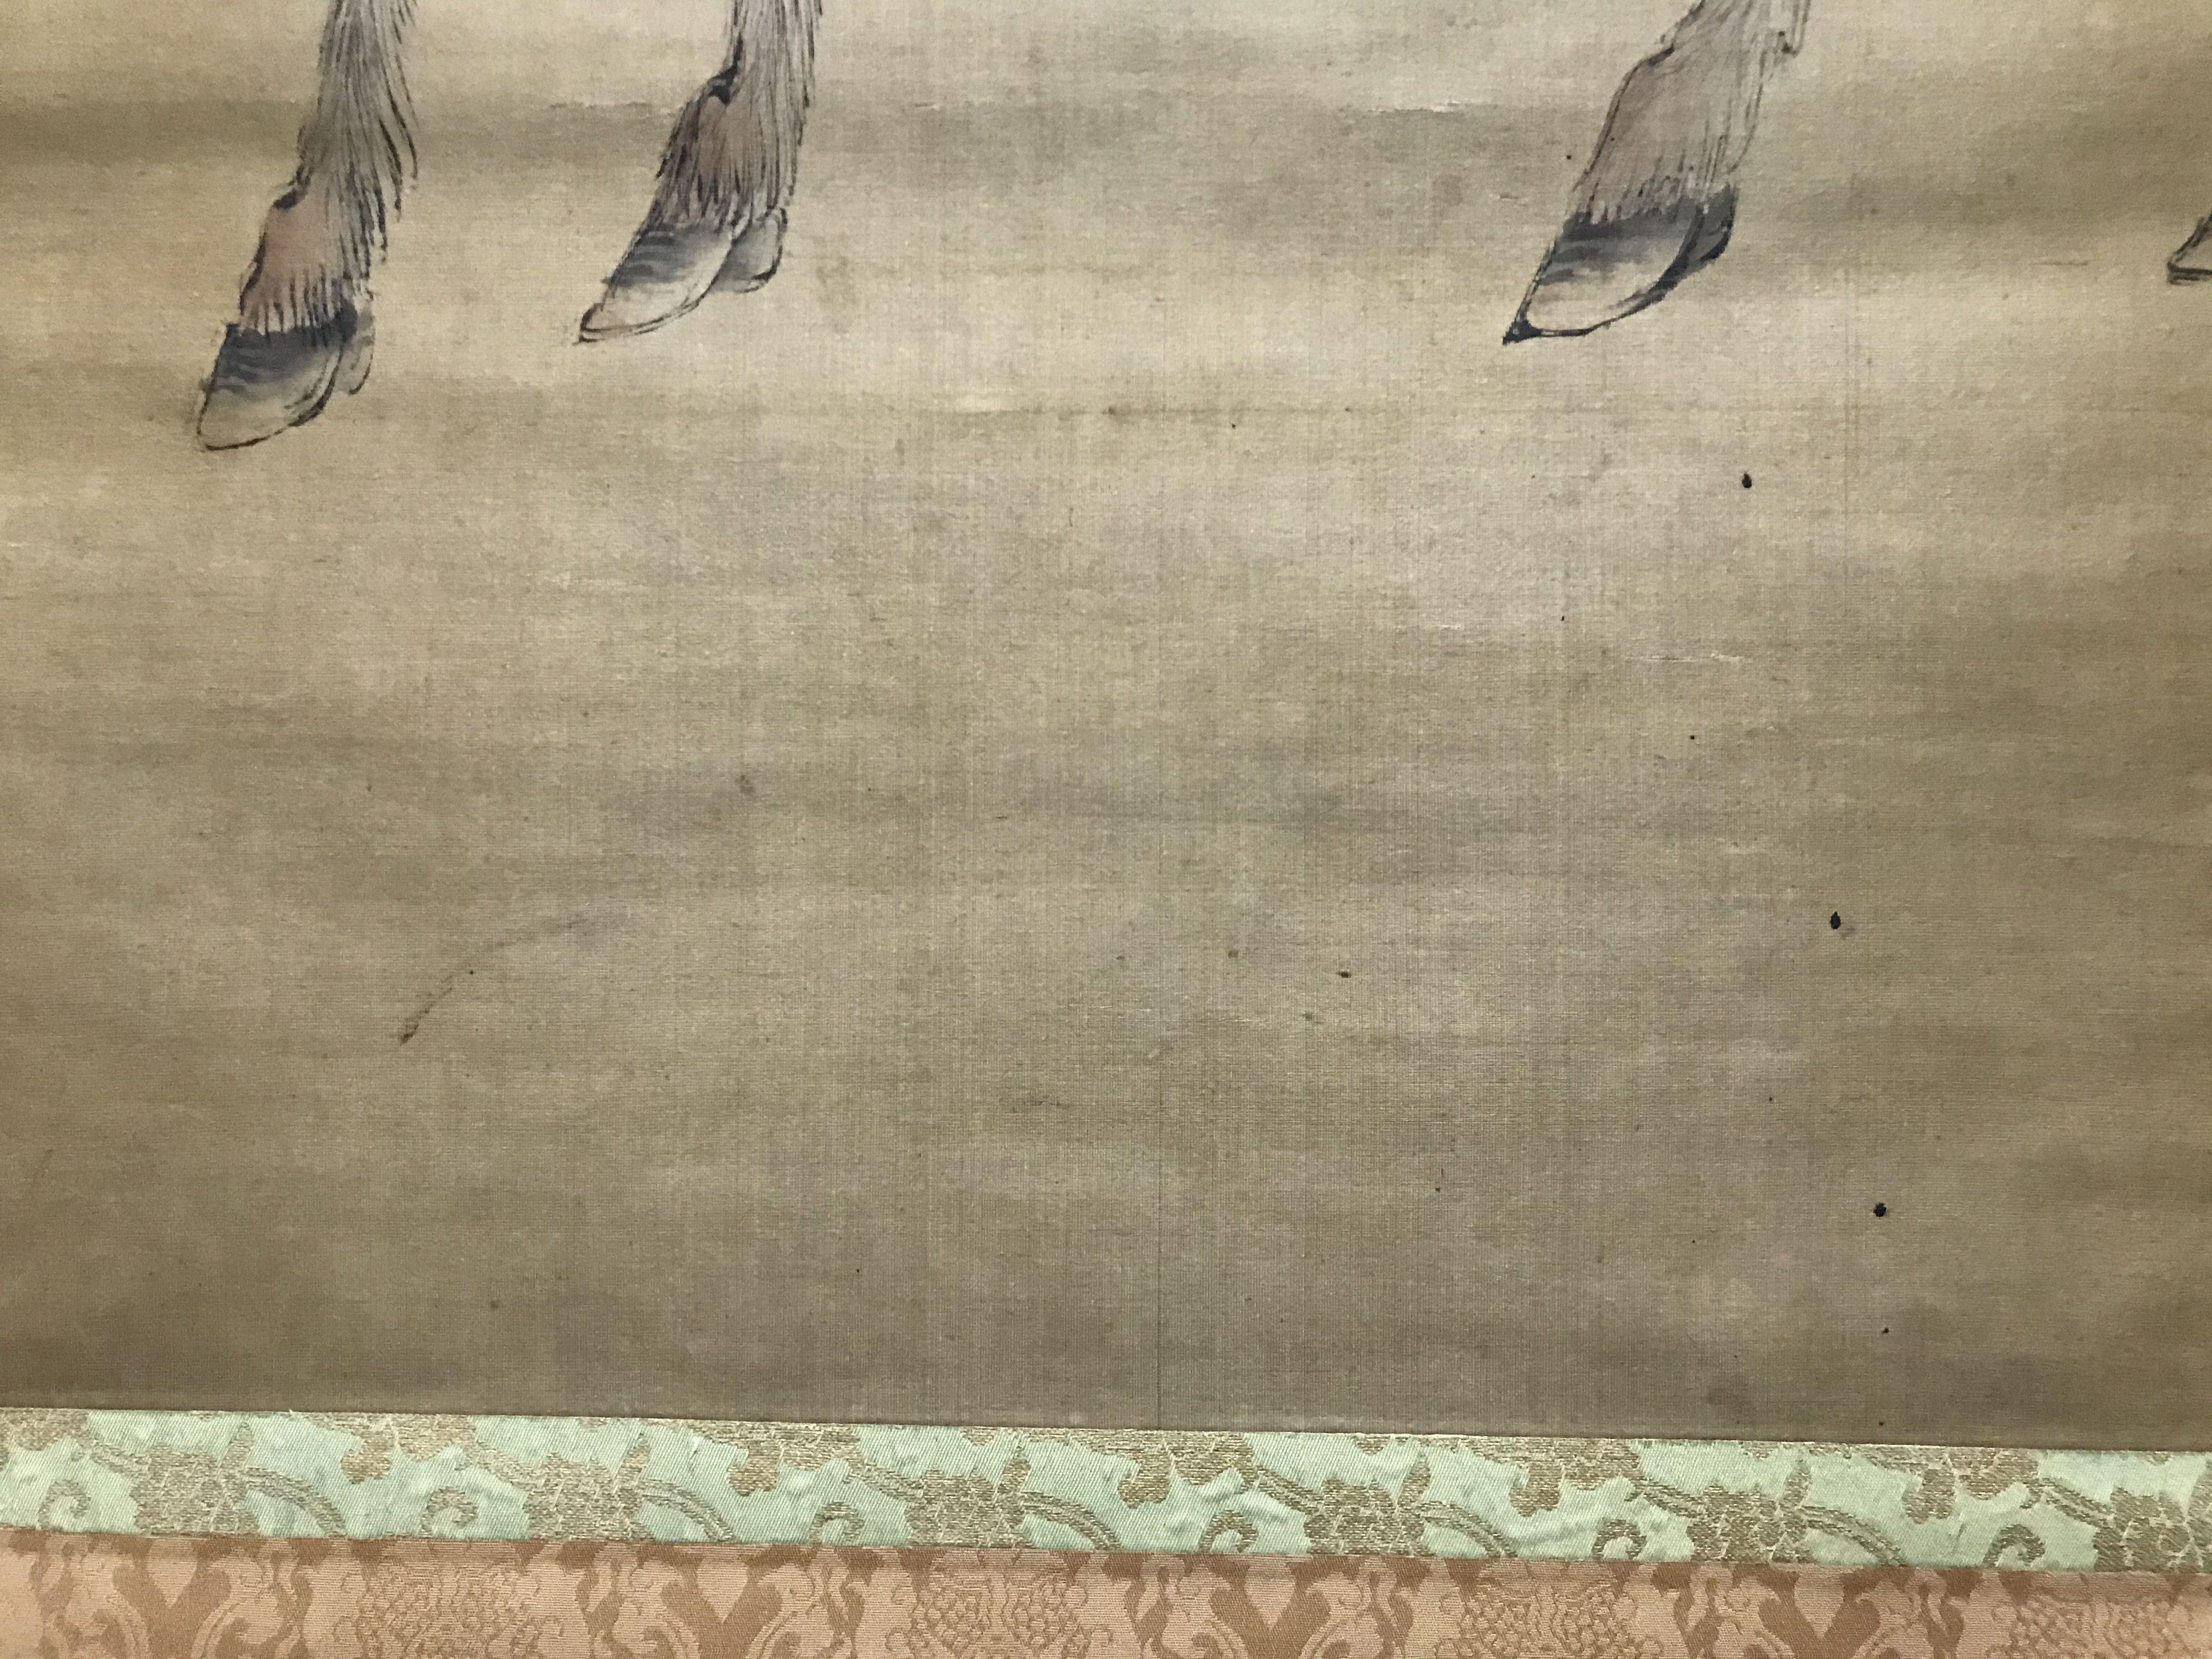 宋紫岡筆 羊図